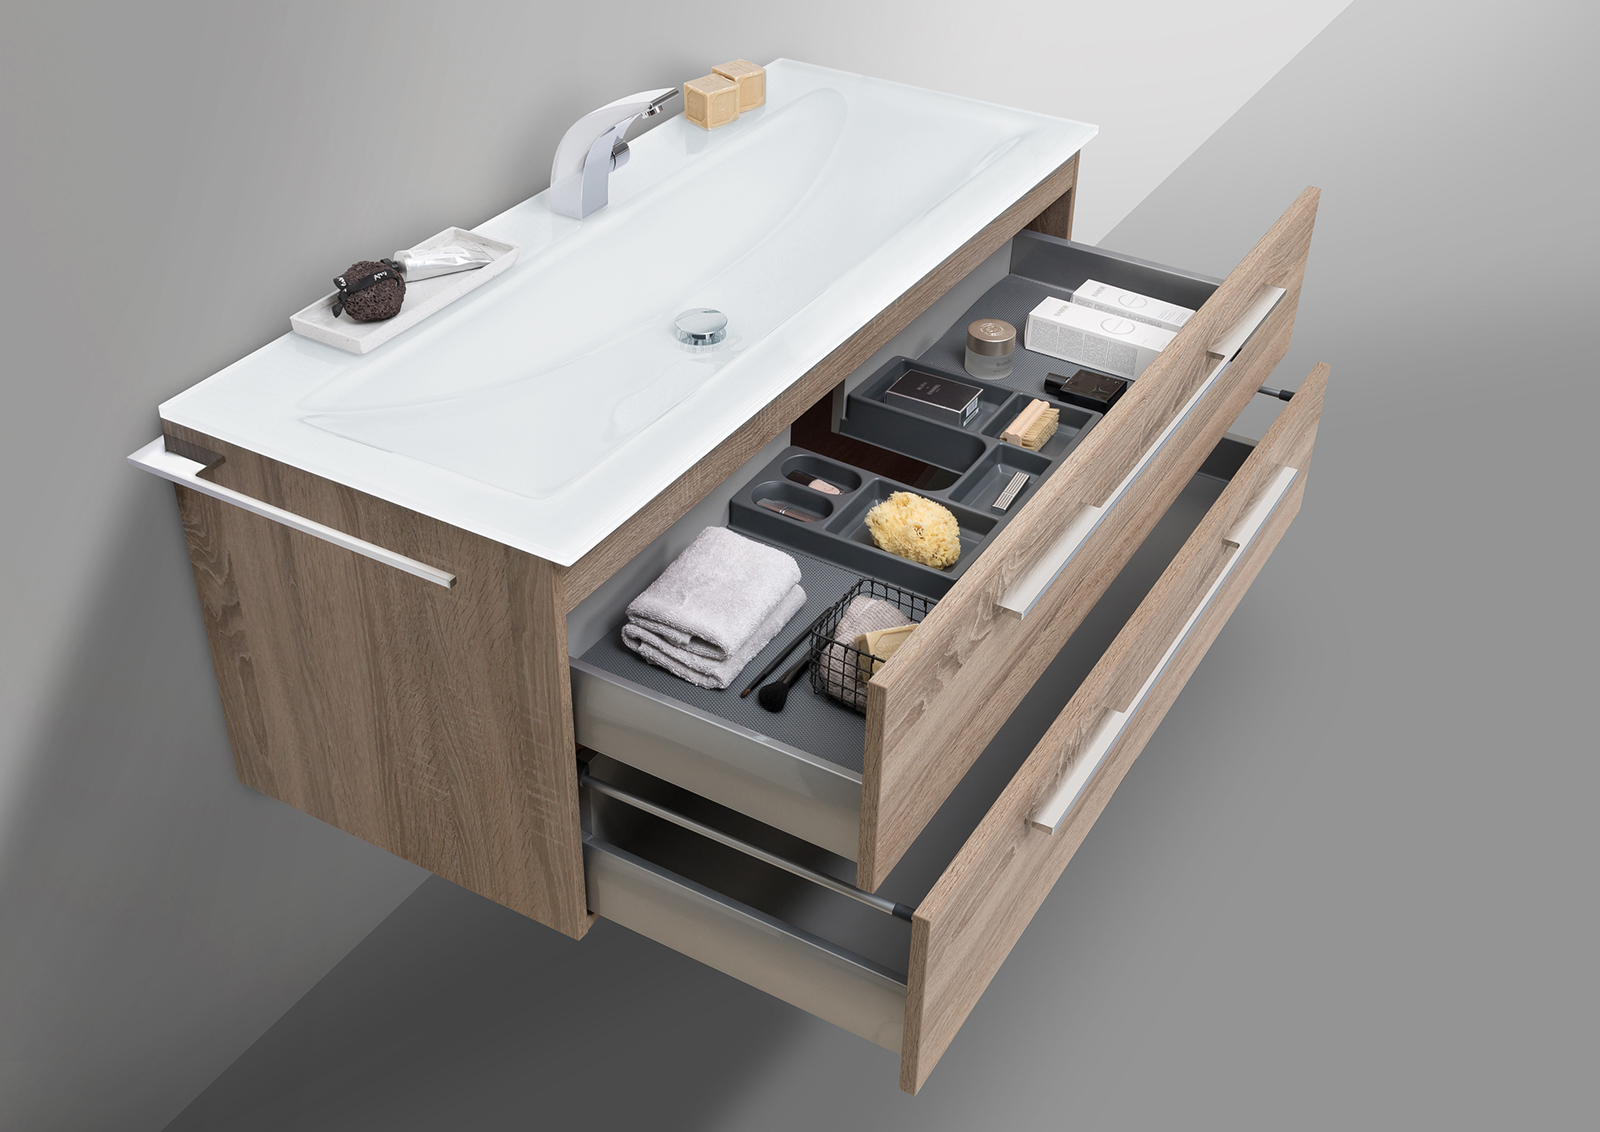 badm bel 120 cm glaswaschtisch mit unterschrank waschtisch set. Black Bedroom Furniture Sets. Home Design Ideas